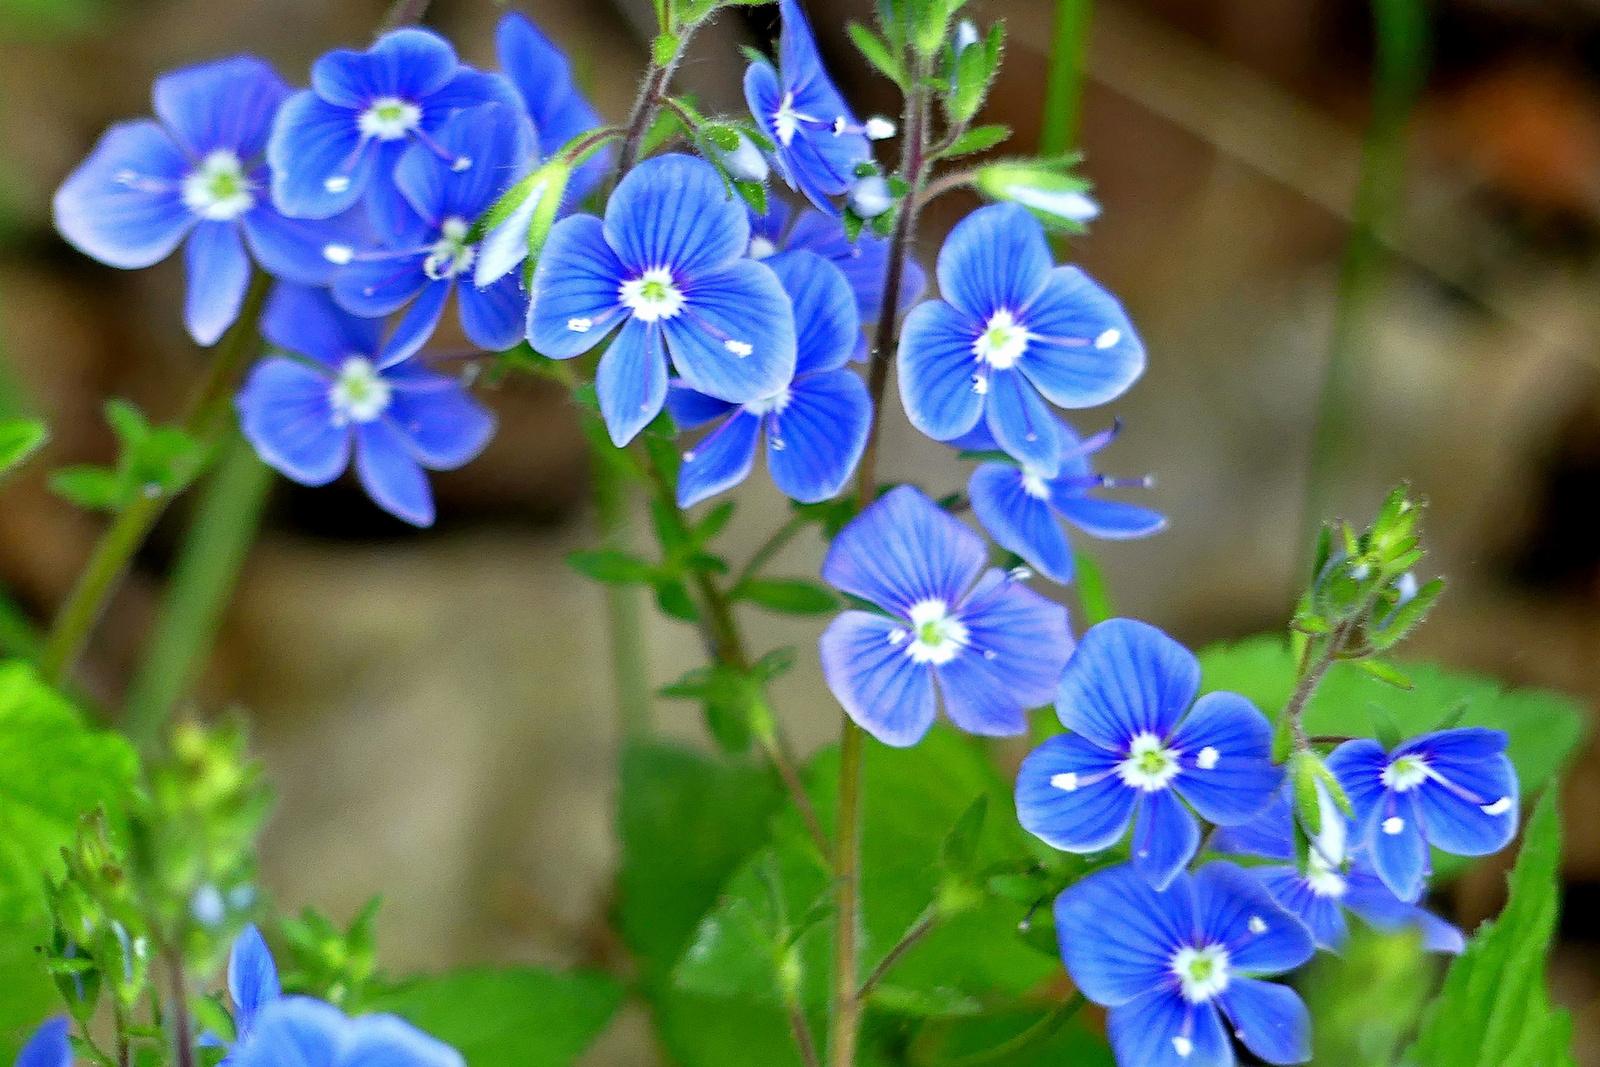 03 veronikafű virágai